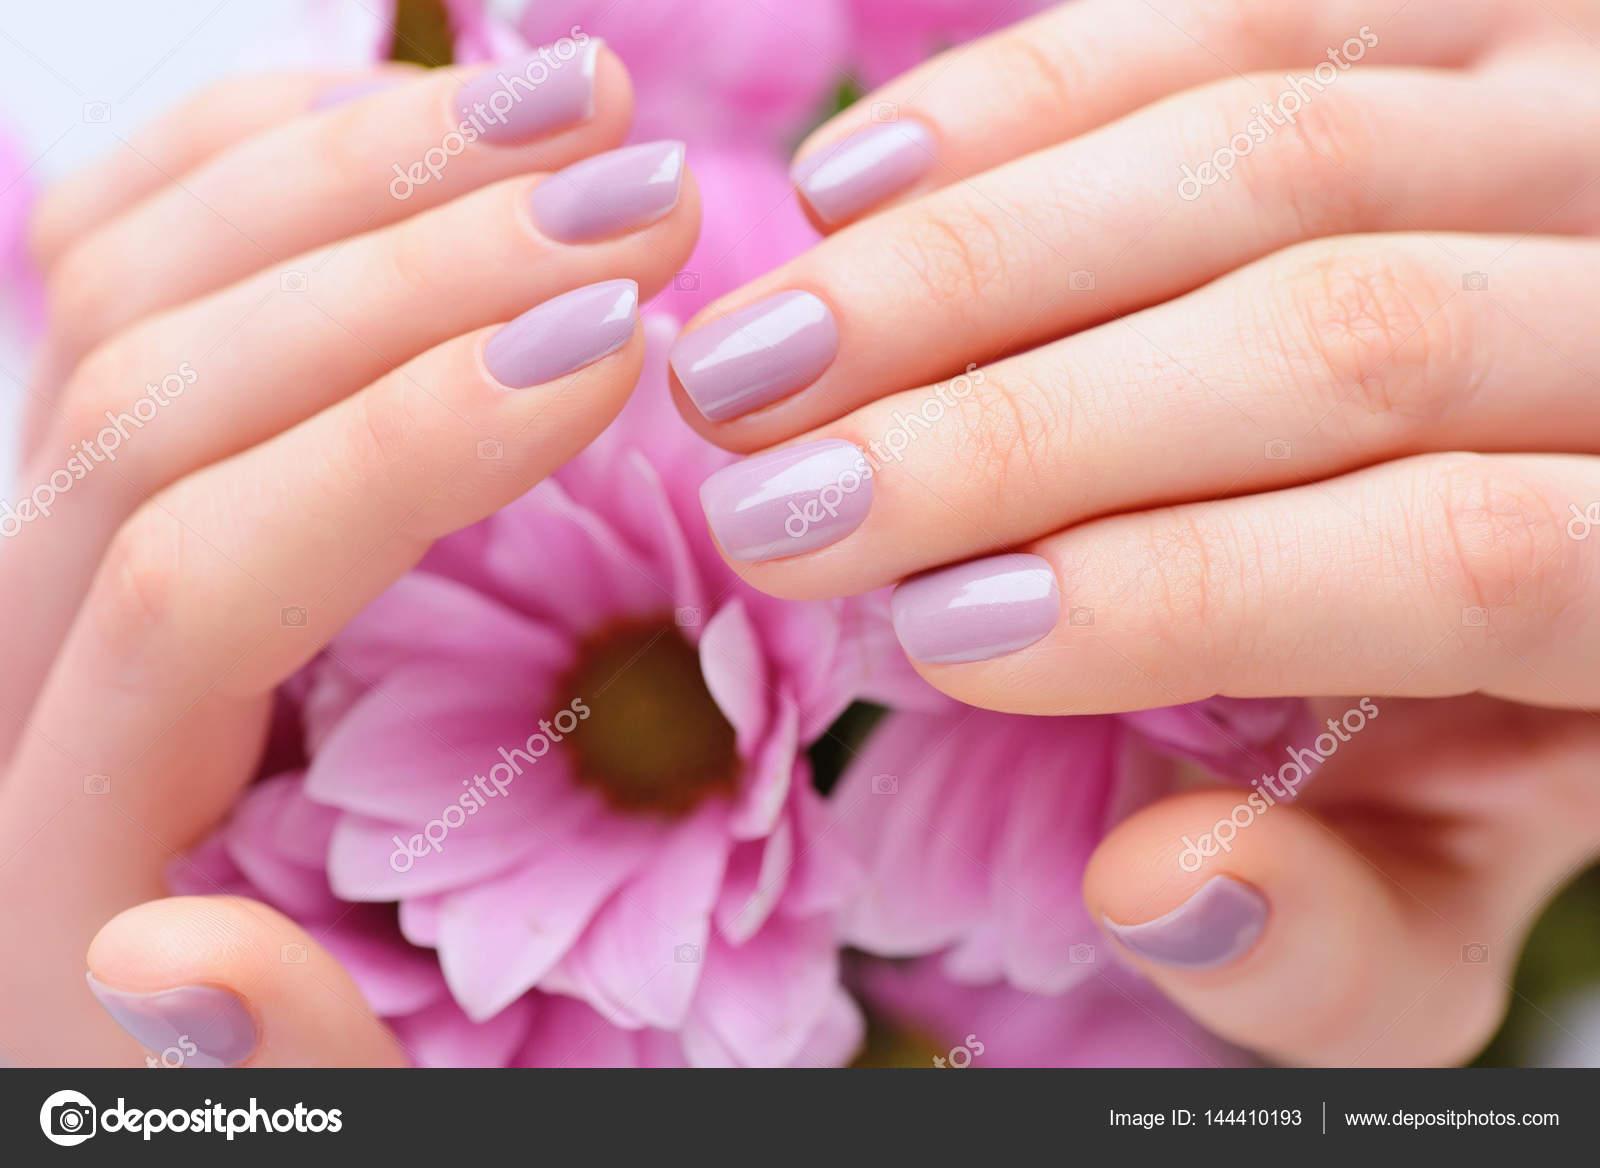 Colores Rosas Para Unas Manos De Una Mujer Con Rosa Manicura En